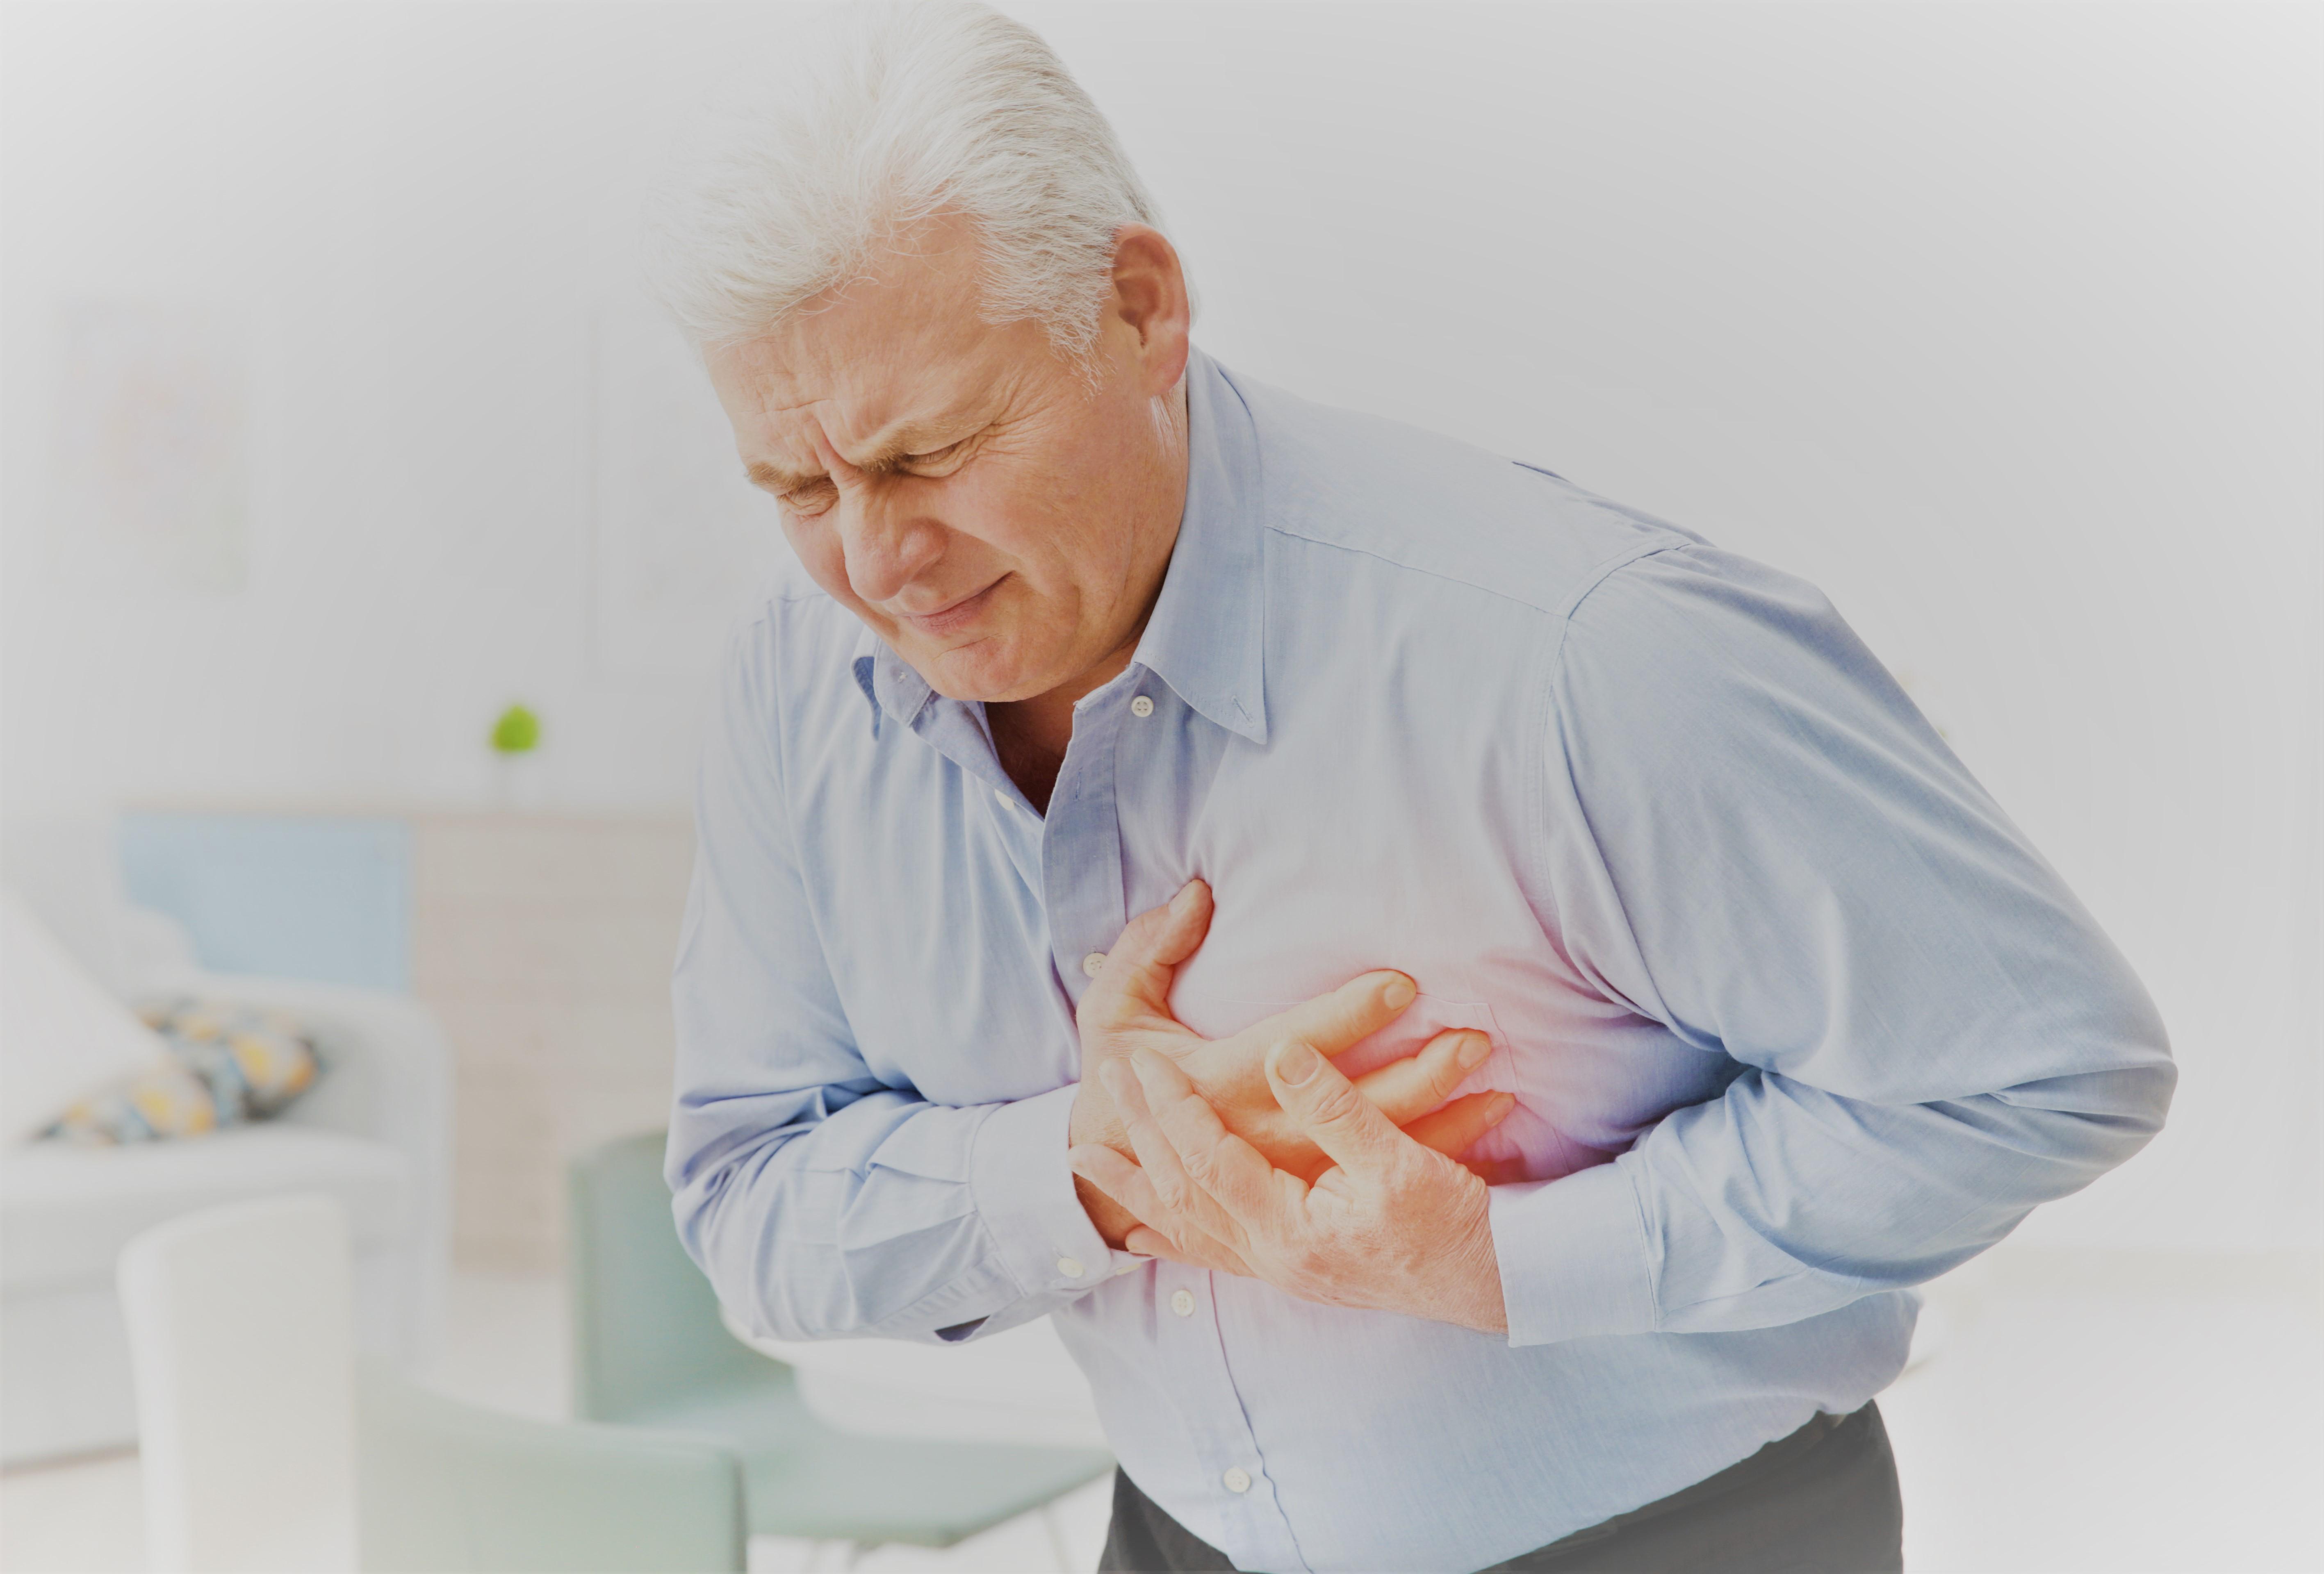 kattan a csípőízületre, nincs fájdalom